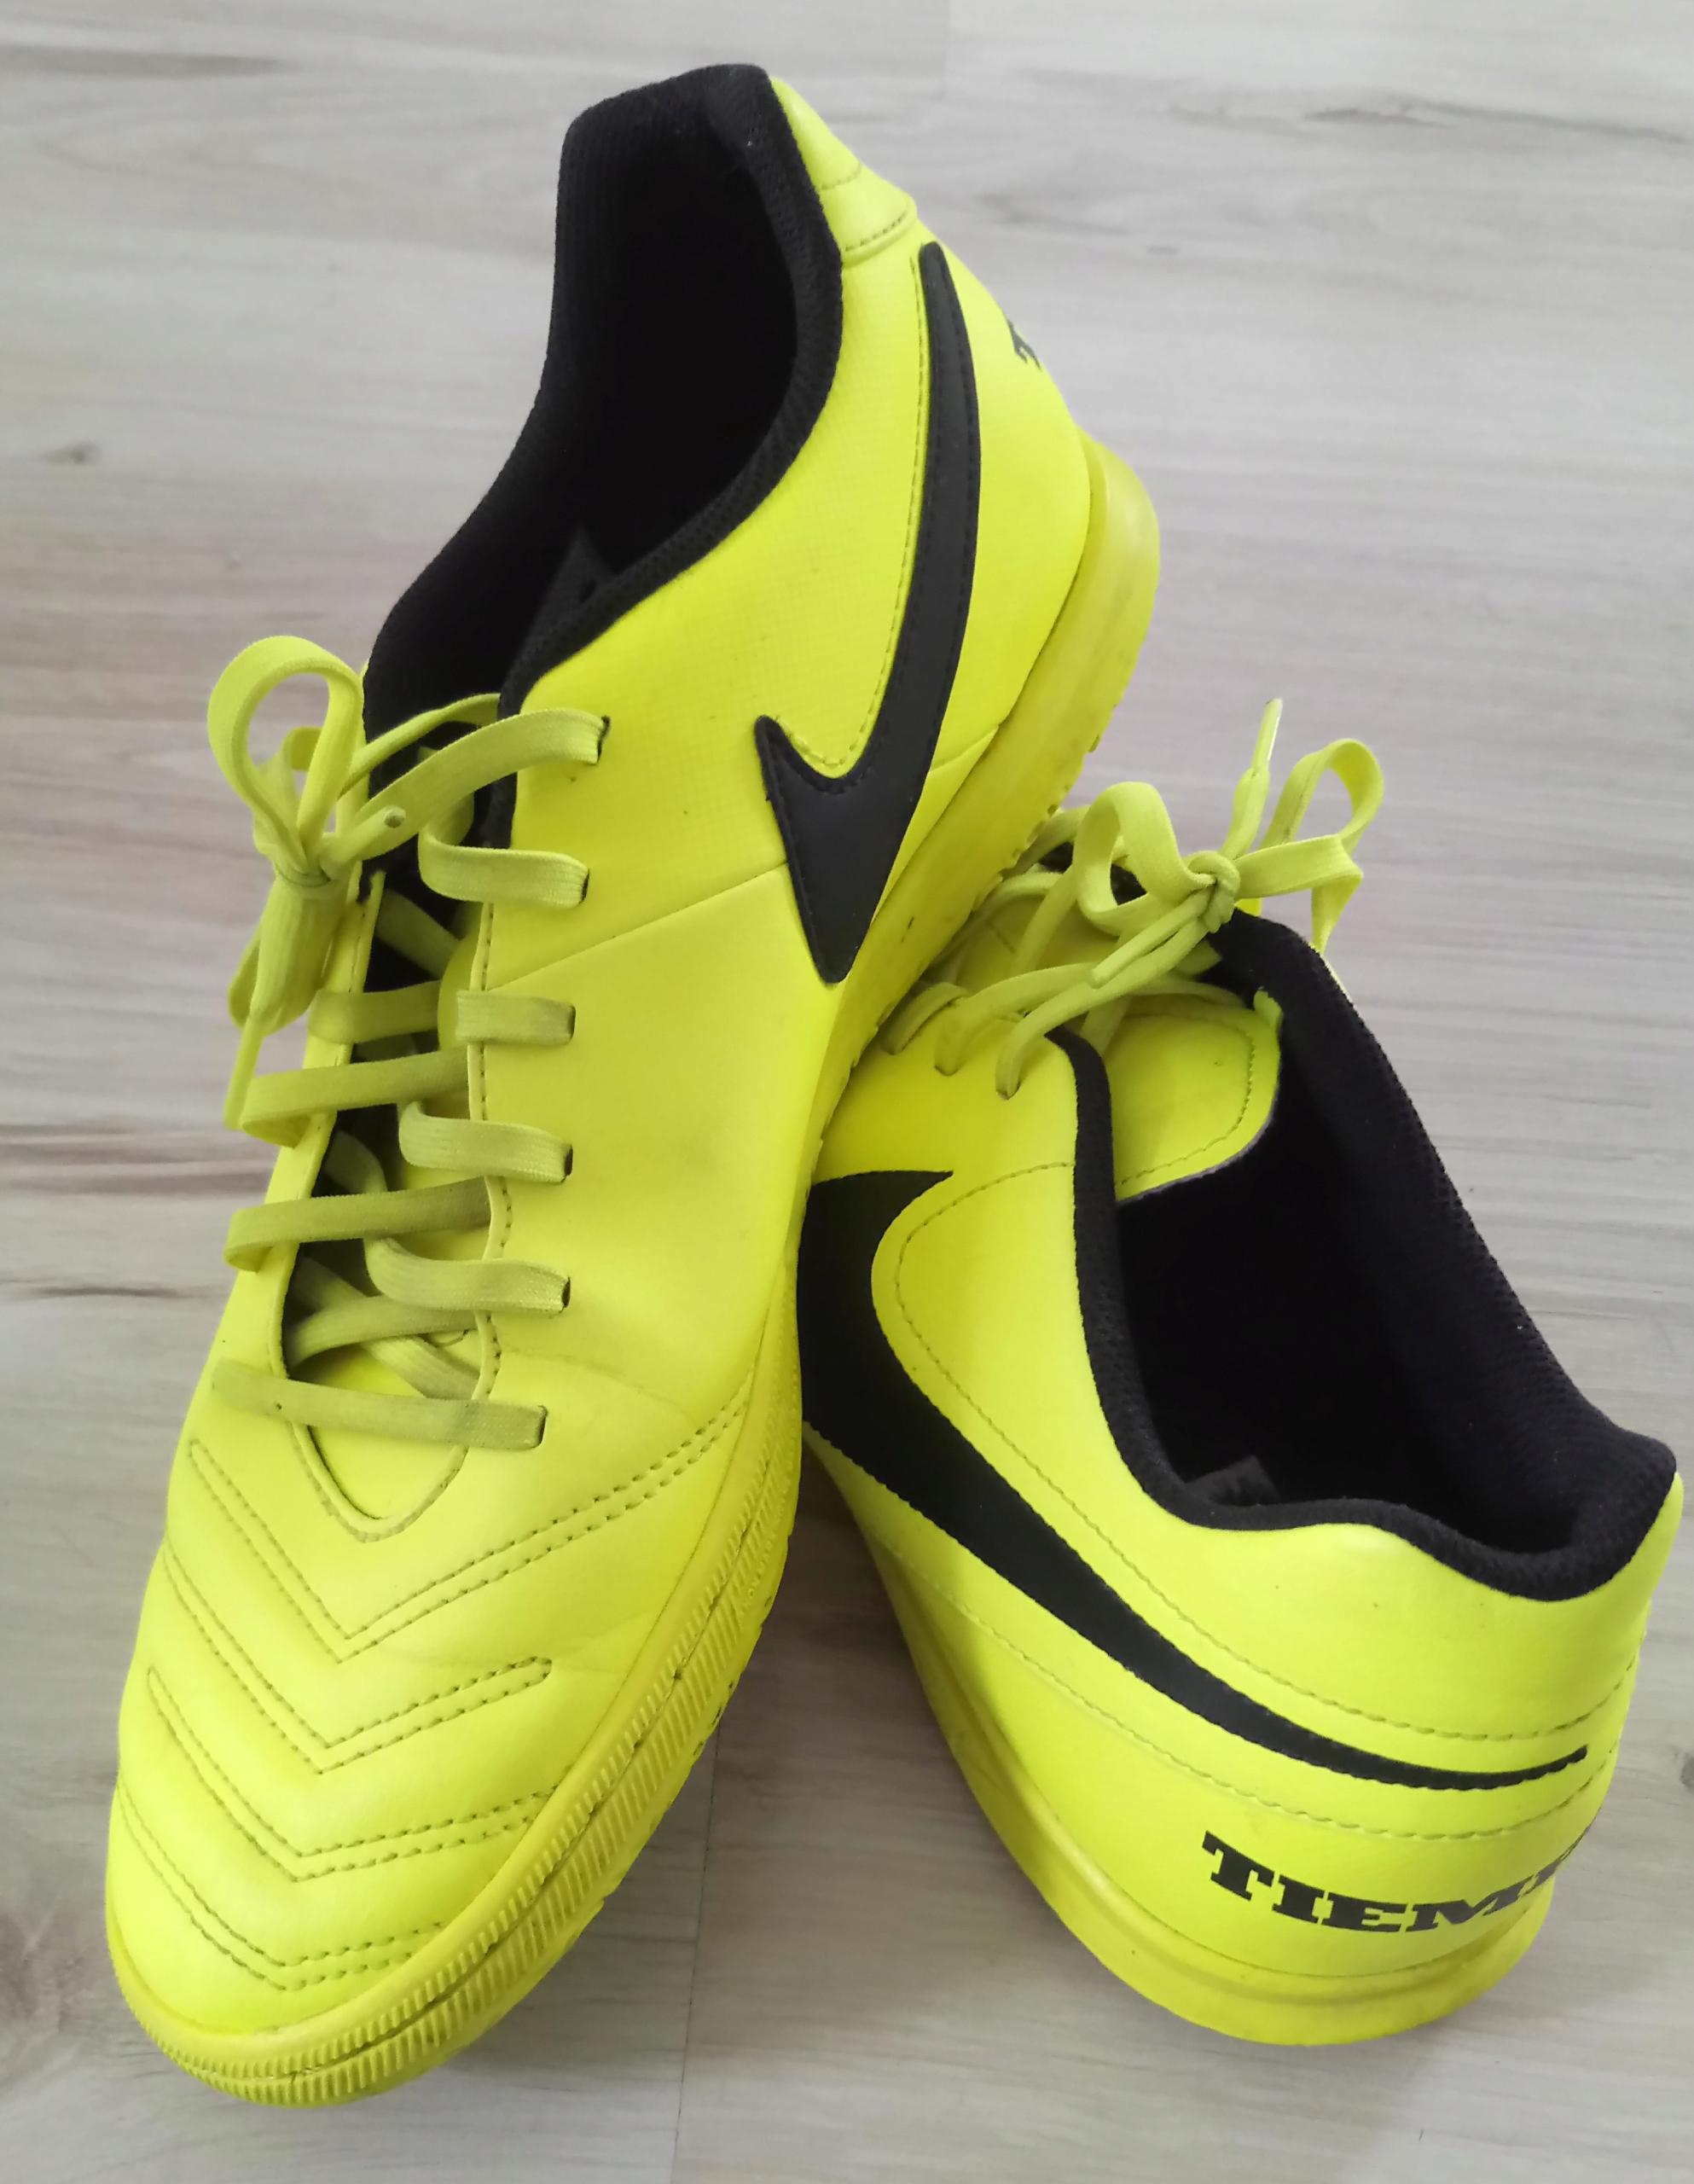 wyprzedaż w sklepie wyprzedażowym Nowa kolekcja uważaj na Buty Nike TiempoX Rio III TF M 819237 rozmiar 43 ...